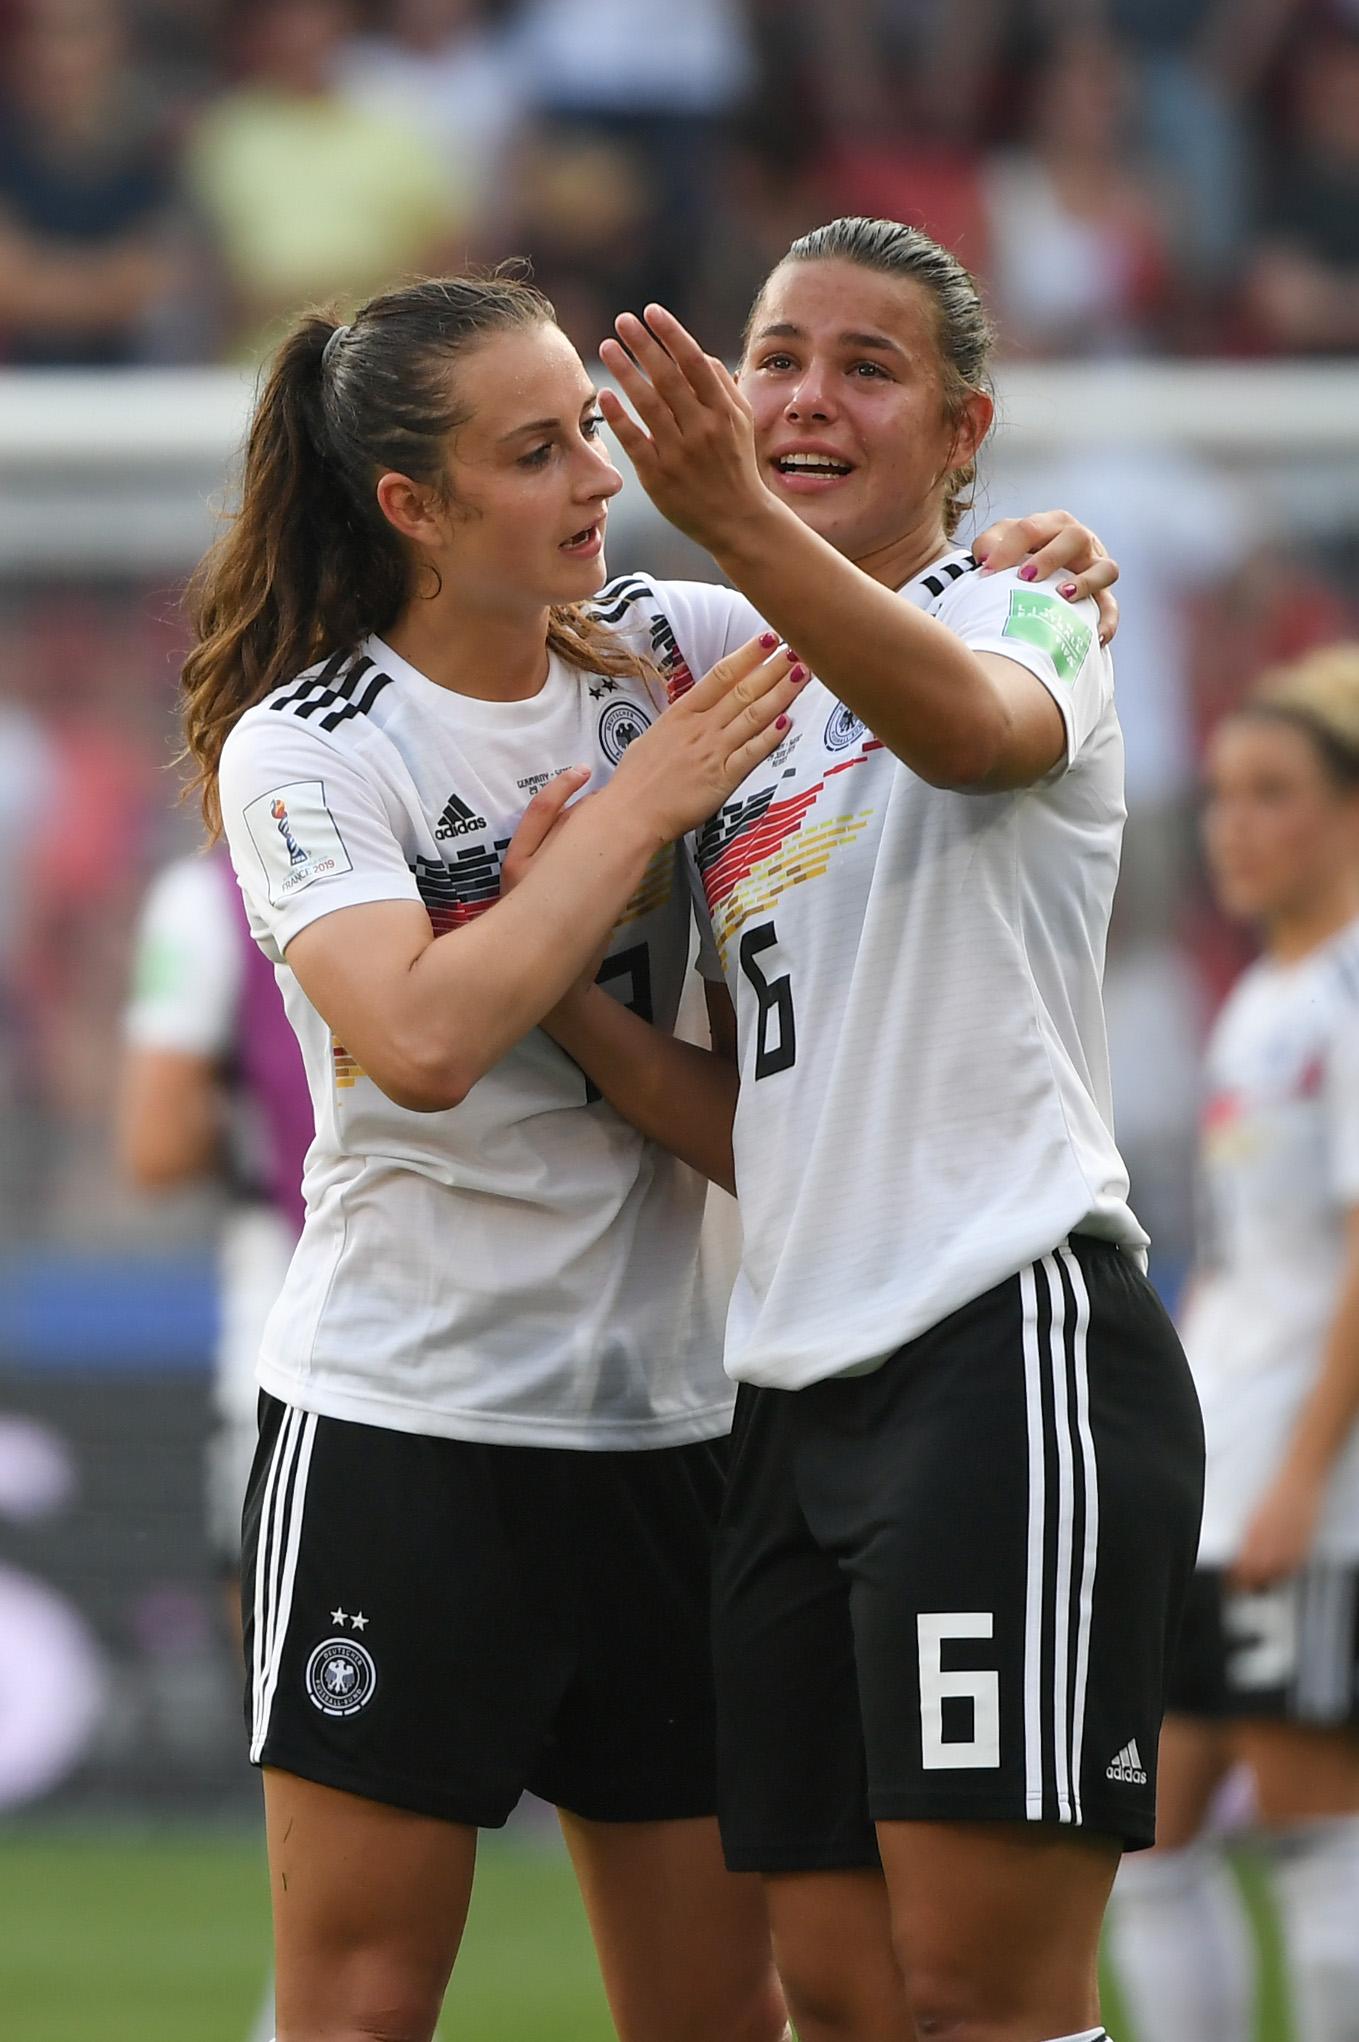 Die DFB-Frauen sind aus dem Turnier ausgeschieden. Lena Oberdorf muss nach Abpfiff von Sara Däbritz getröstet werden.